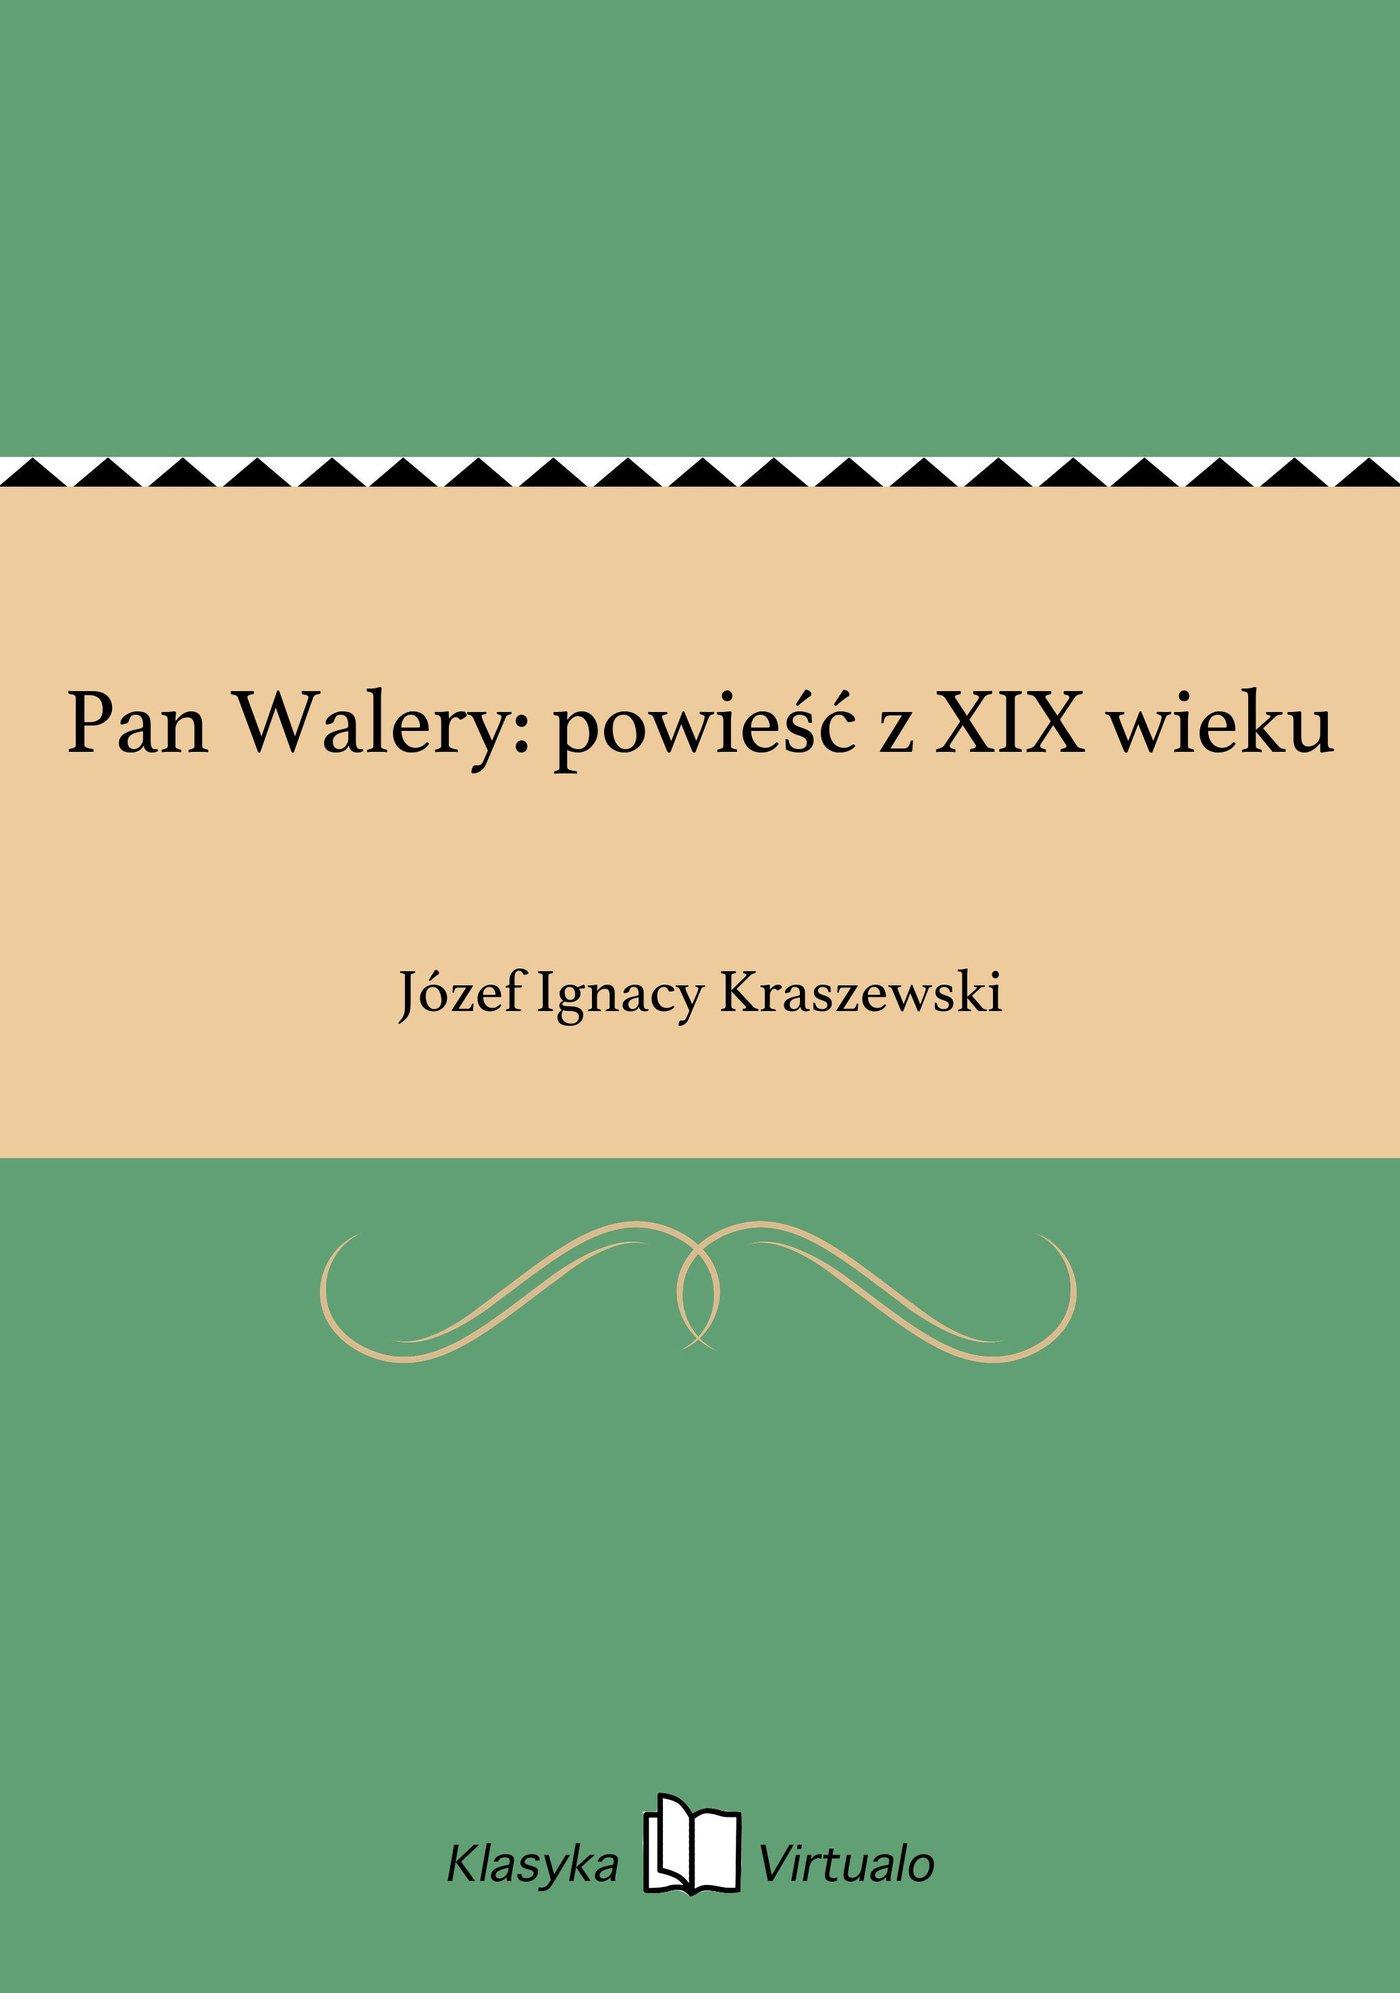 Pan Walery: powieść z XIX wieku - Ebook (Książka EPUB) do pobrania w formacie EPUB